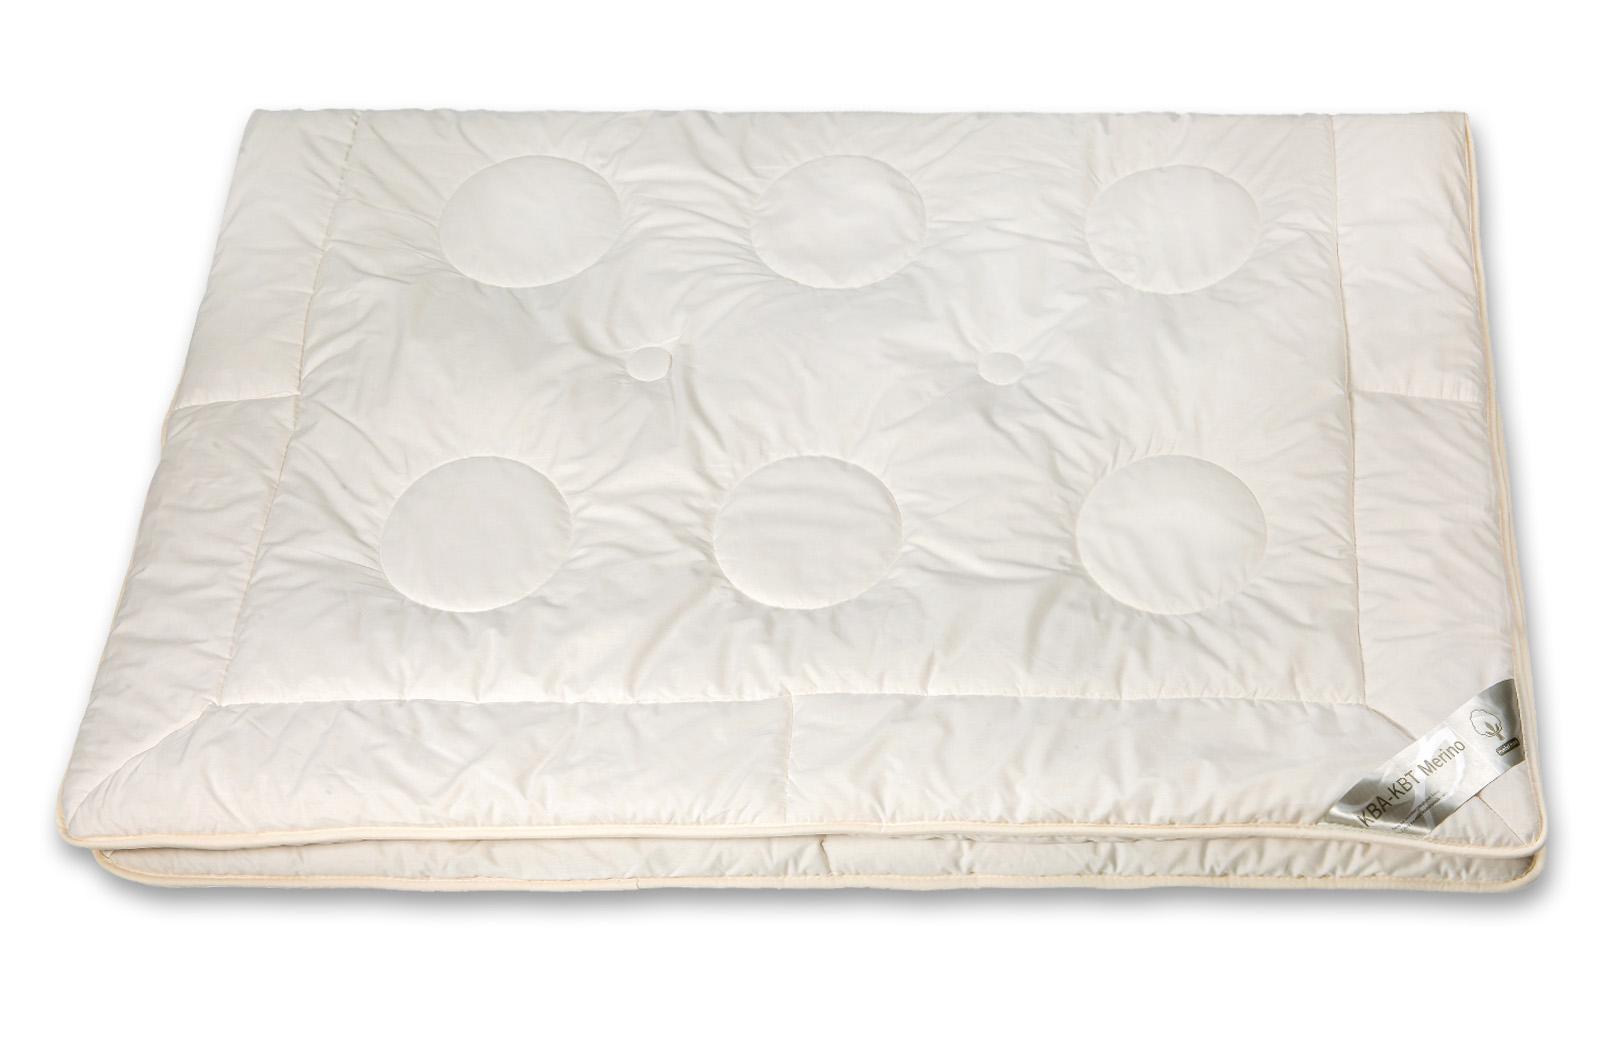 Bettdecke leichte Ganzjahres-Decke  KBT Merino Schurwolle + KBA Baumwolle BIO Natur Nadia – Bild 5